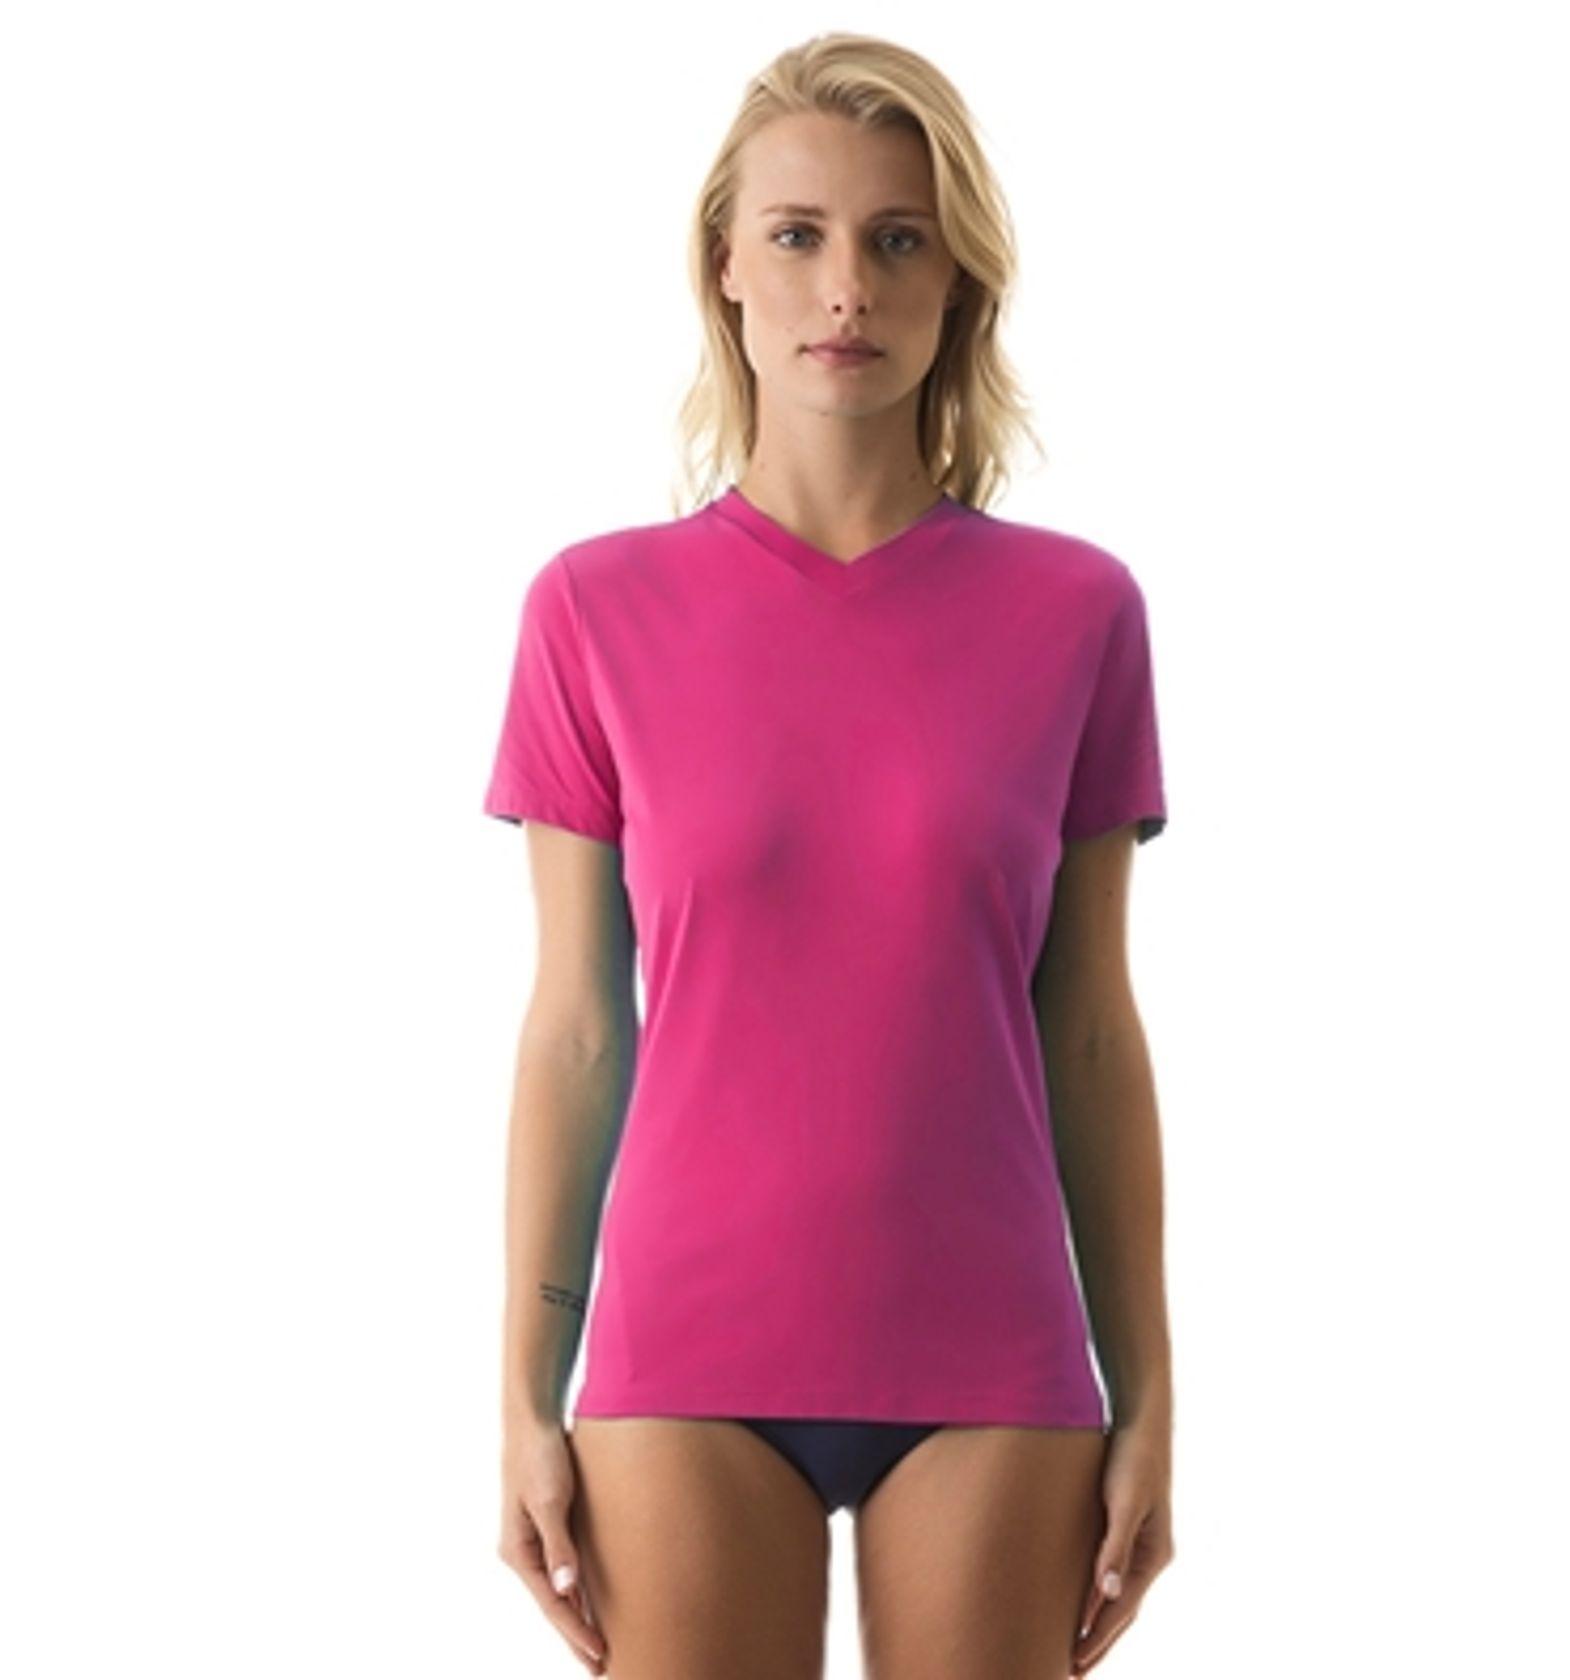 UV LINE Camiseta Sport Fit Manga Curta Feminino Magenta Proteção Solar